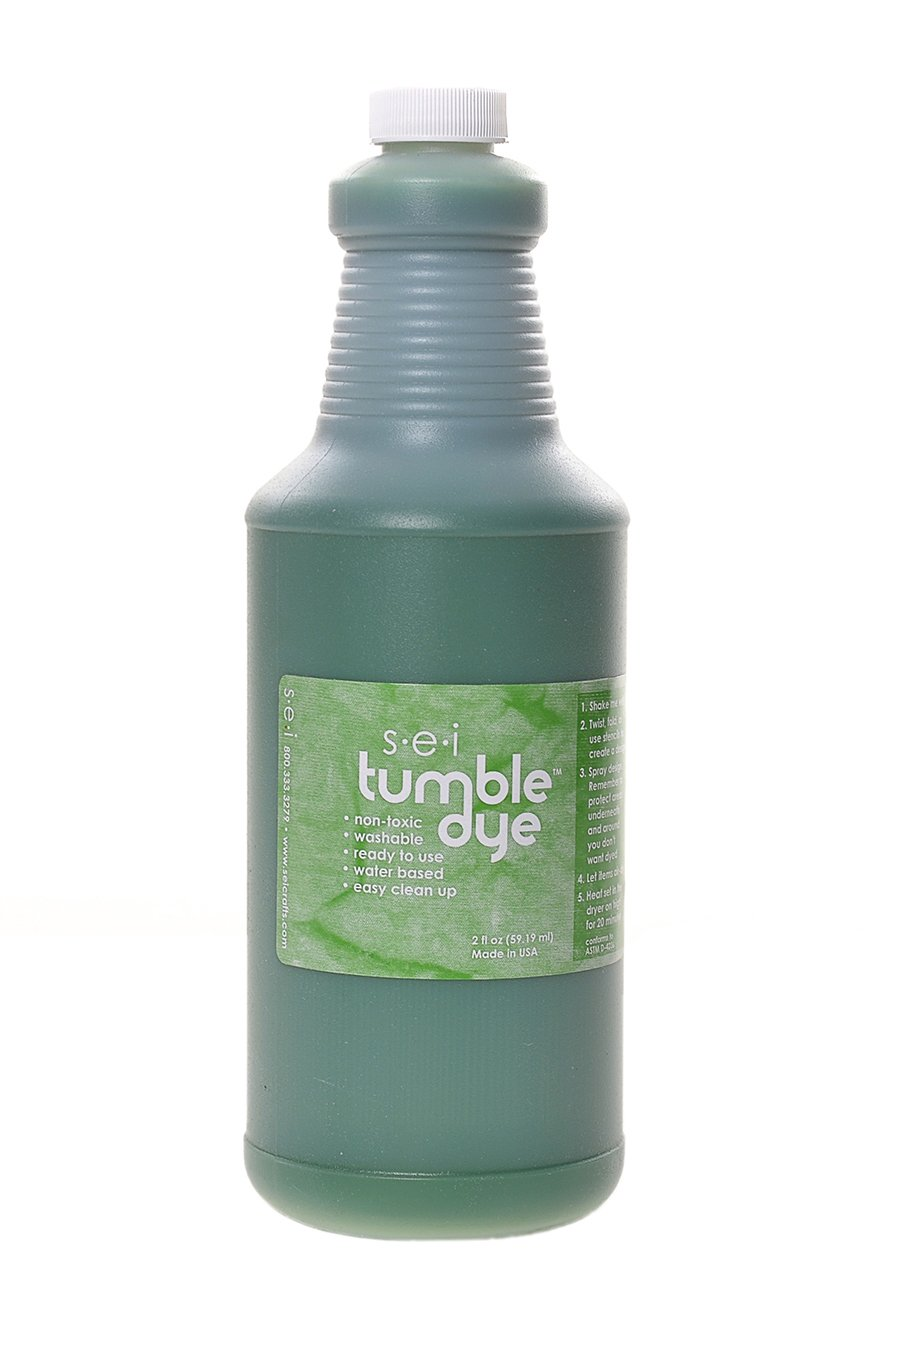 染料クラフト & ファブリック塗料 1 qt 草緑をタンブルします。   B00GHQW9BY